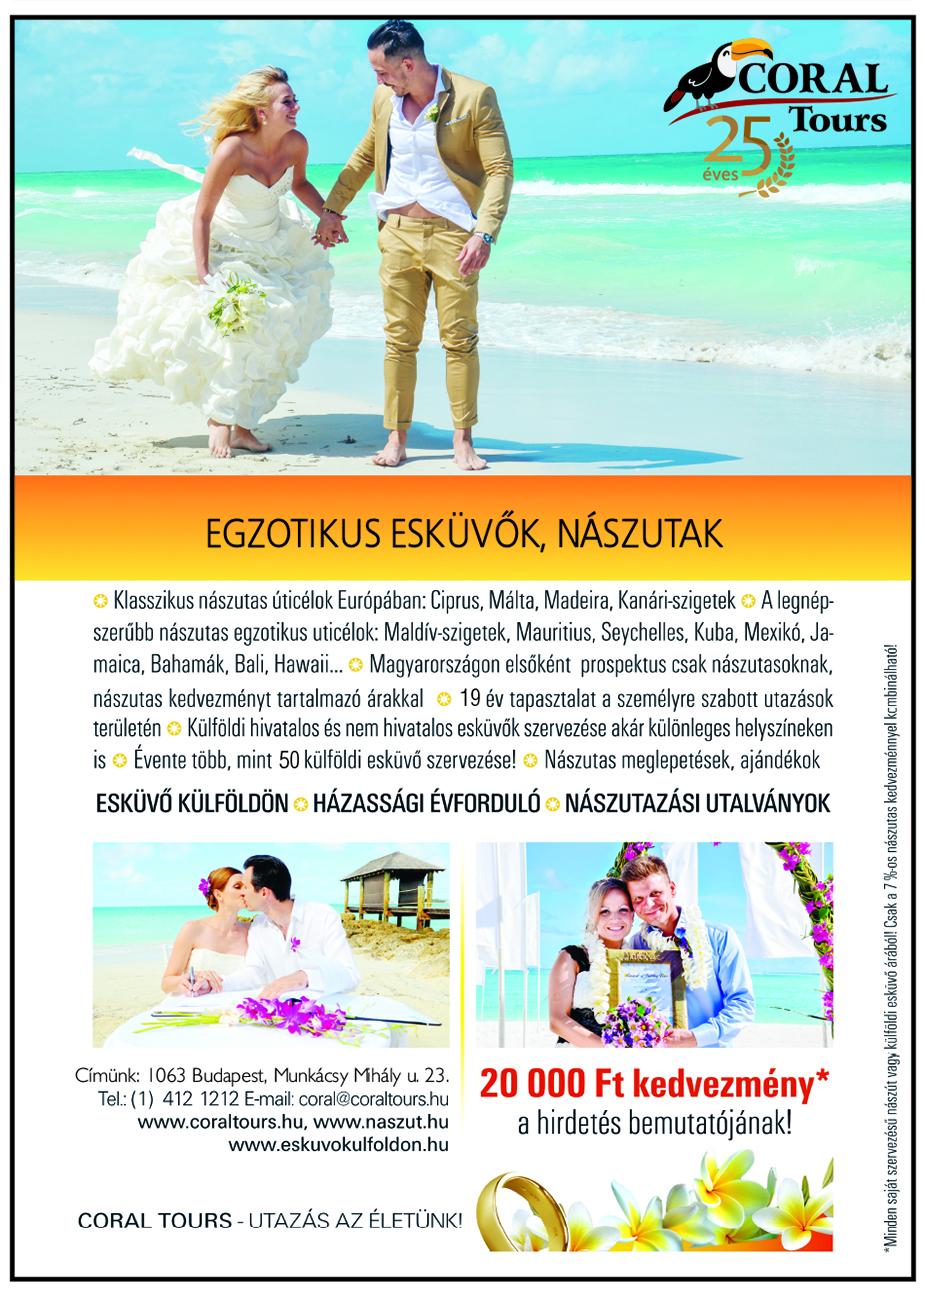 menyasszonyok külföldön teszt)